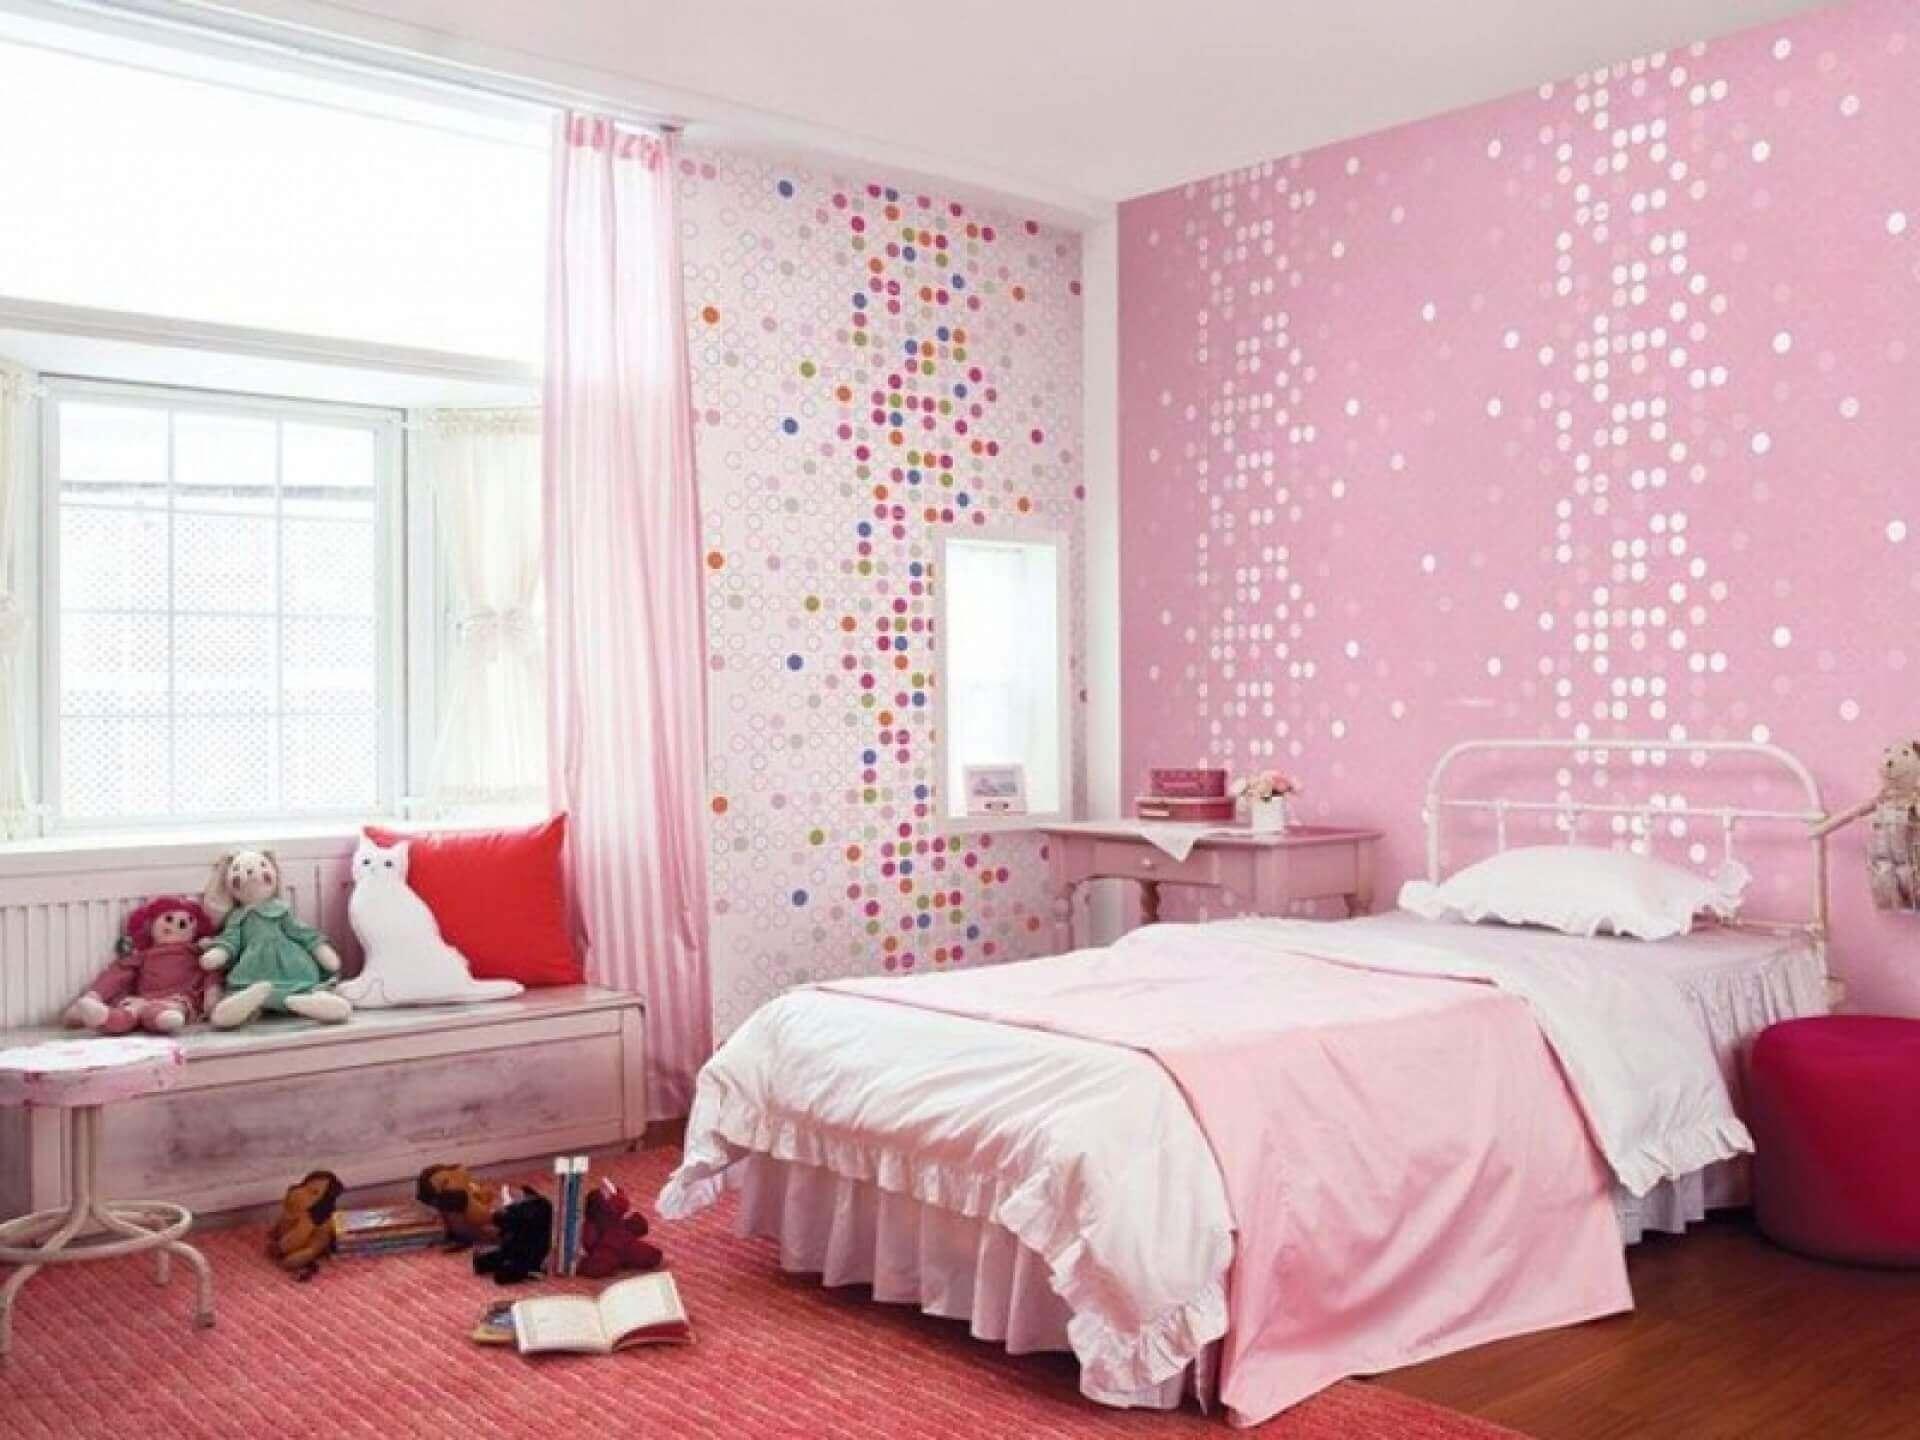 Обои для детской спальни каталог фото в интерьере светлые тона